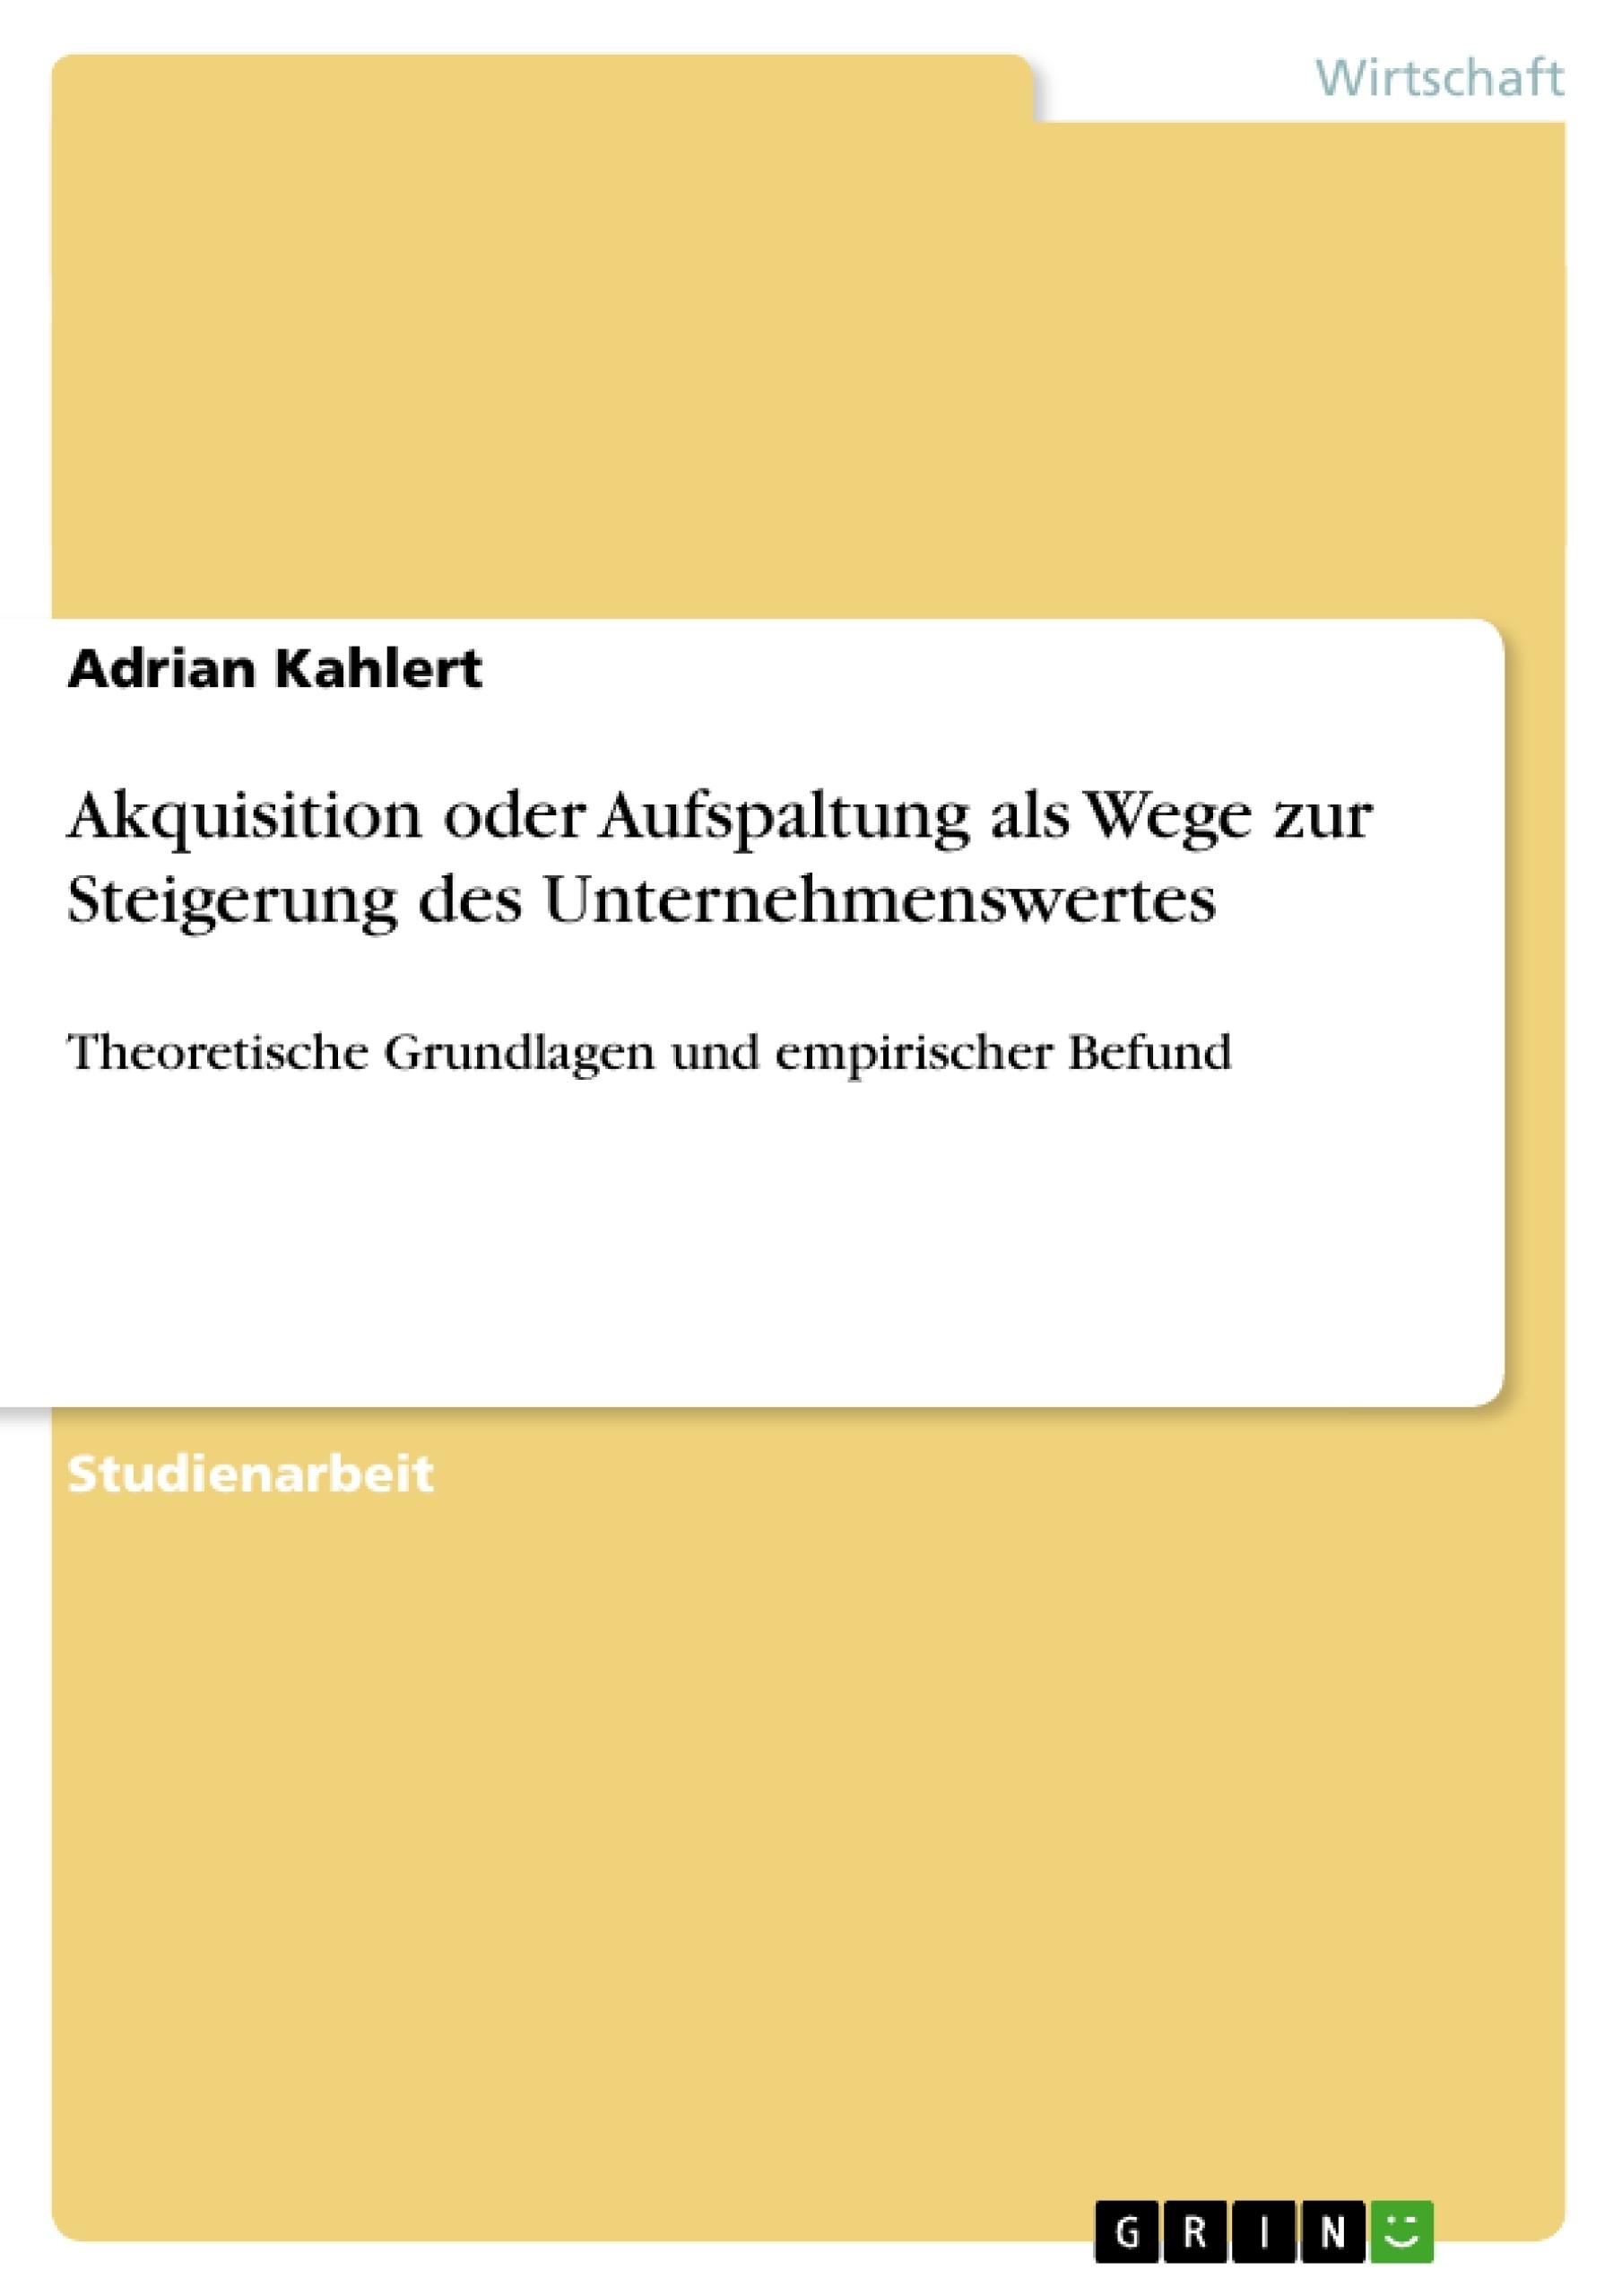 Titel: Akquisition oder Aufspaltung als Wege zur Steigerung des Unternehmenswertes